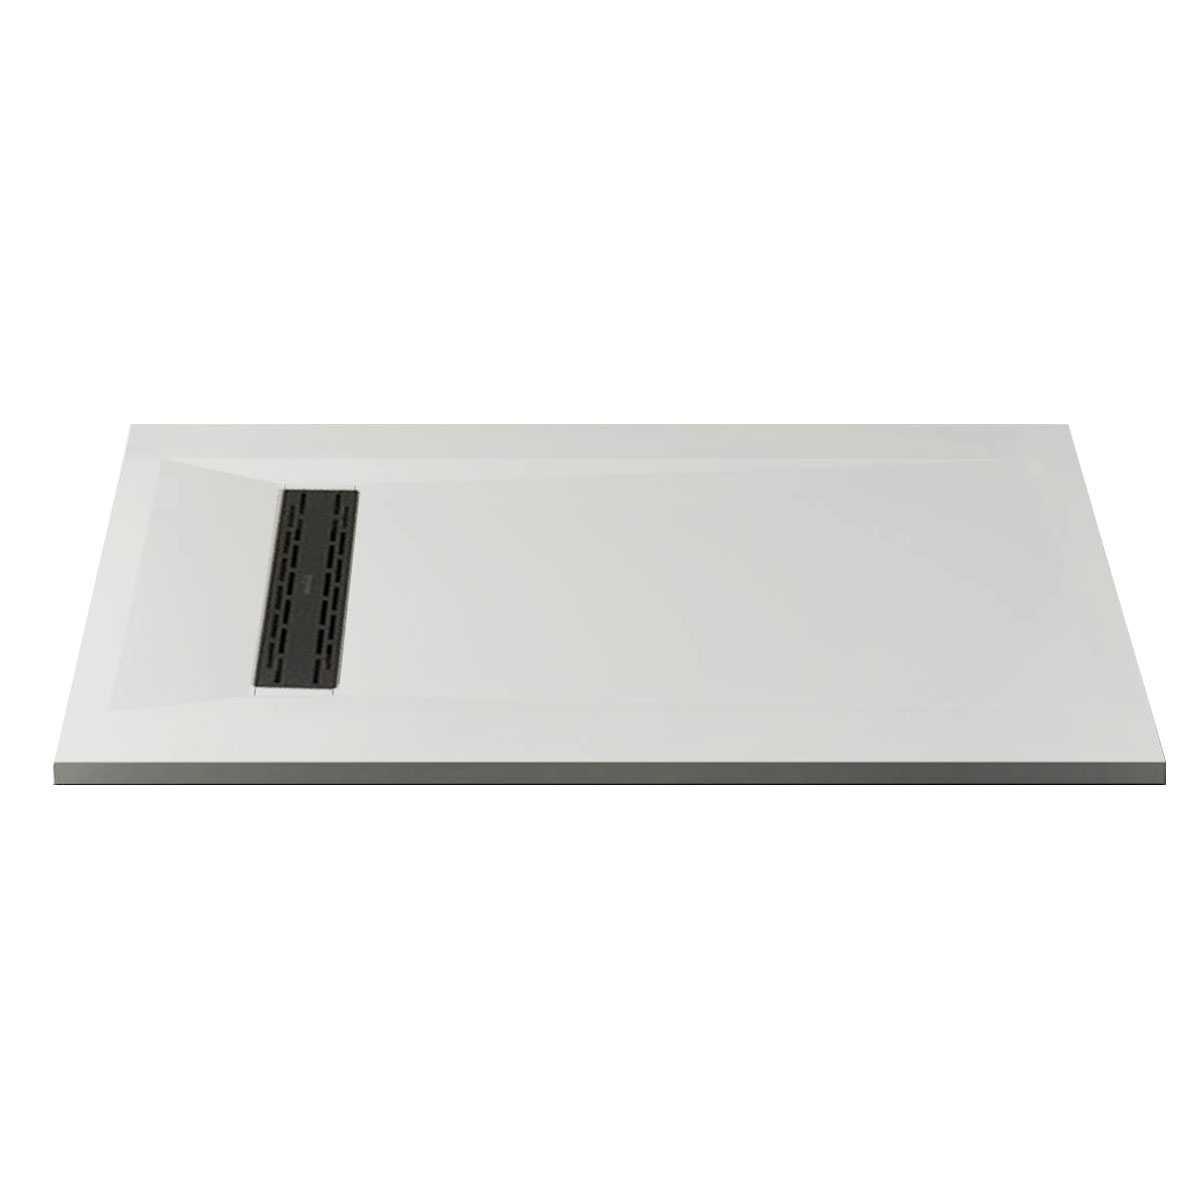 Piatto Doccia Riverside filo pavimento 70x90 h 3 cm colorato opaco in luxolid